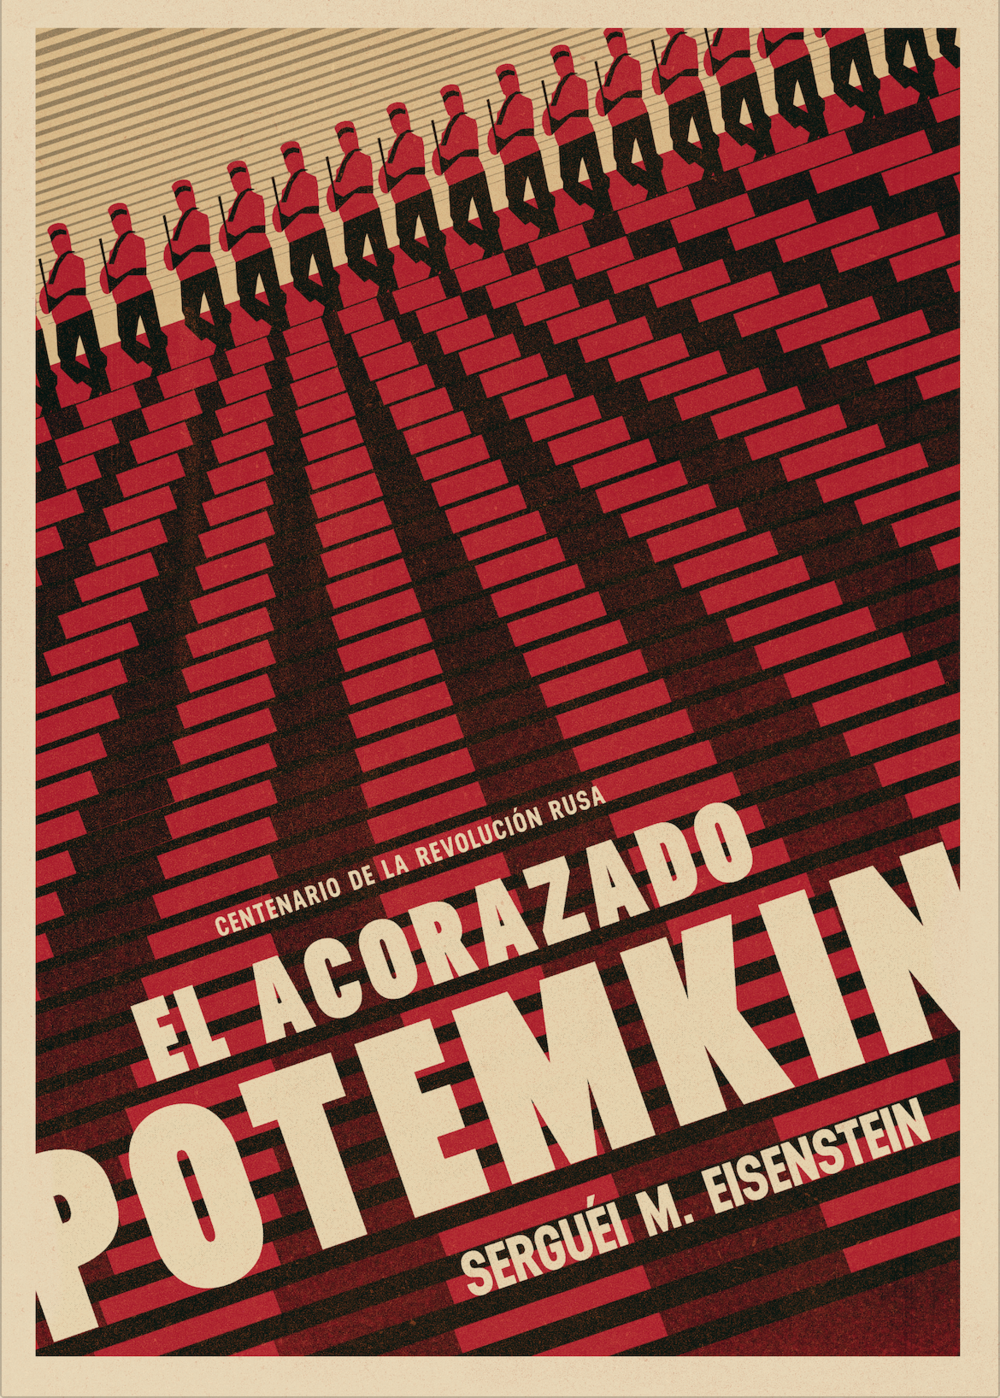 Házte con un cartel del centenario de la revolución rusa  aquí